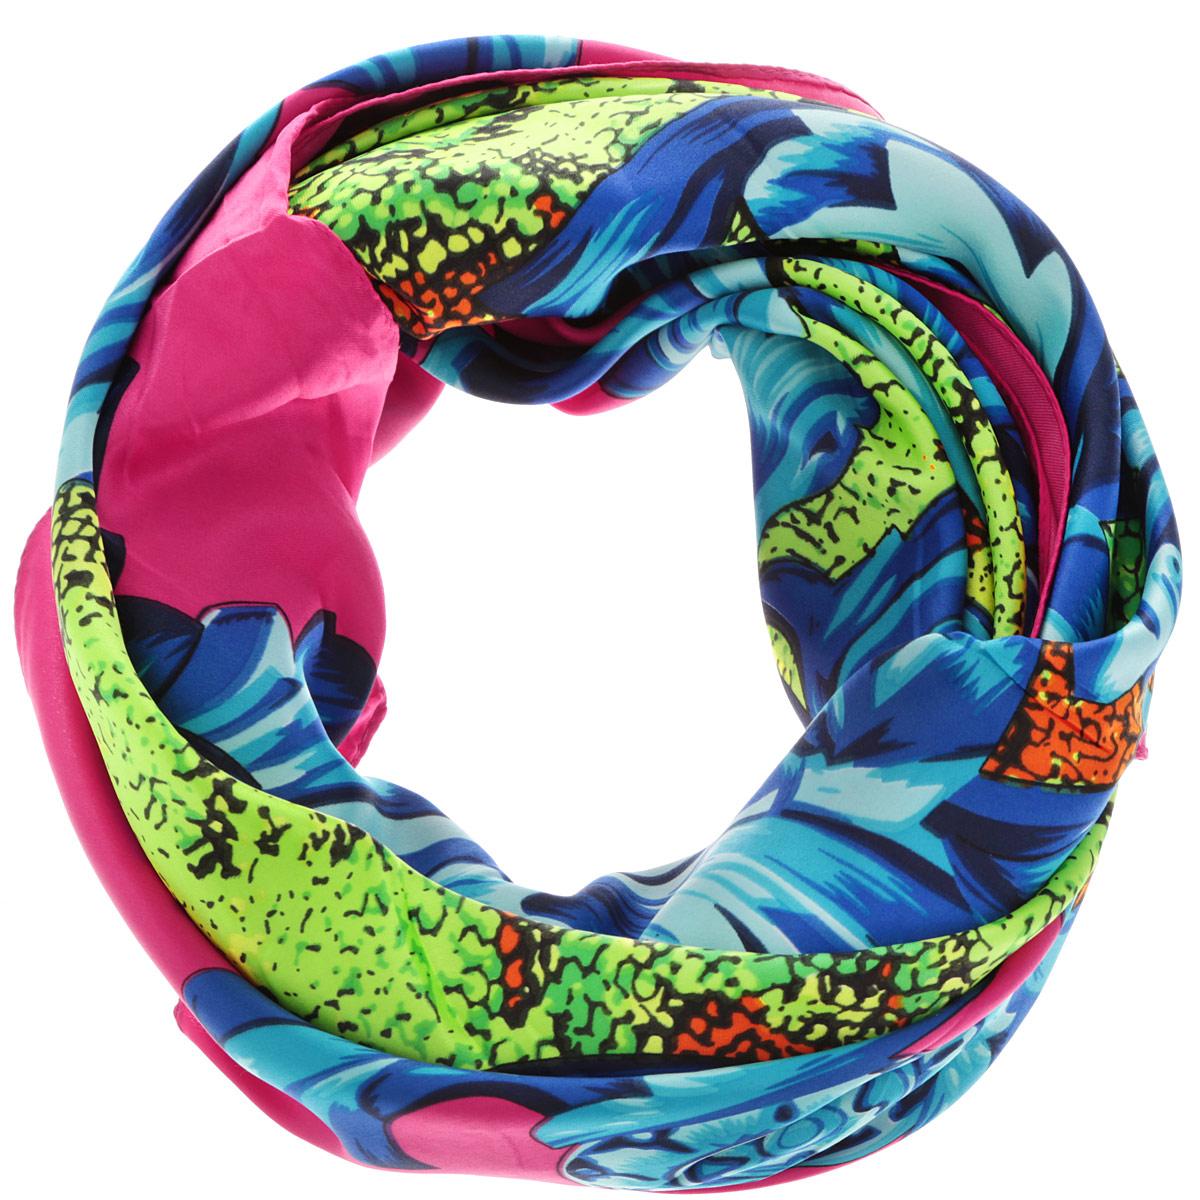 Платок женский. 0510115239_410510115239_41Стильный женский платок Sabellino станет великолепным завершением любого наряда. Платок изготовлен из 100% полиэстера и оформлен оригинальным орнаментом. Классическая квадратная форма позволяет носить платок на шее, украшать им прическу или декорировать сумочку. Такой платок превосходно дополнит любой наряд и подчеркнет ваш неповторимый вкус и элегантность.